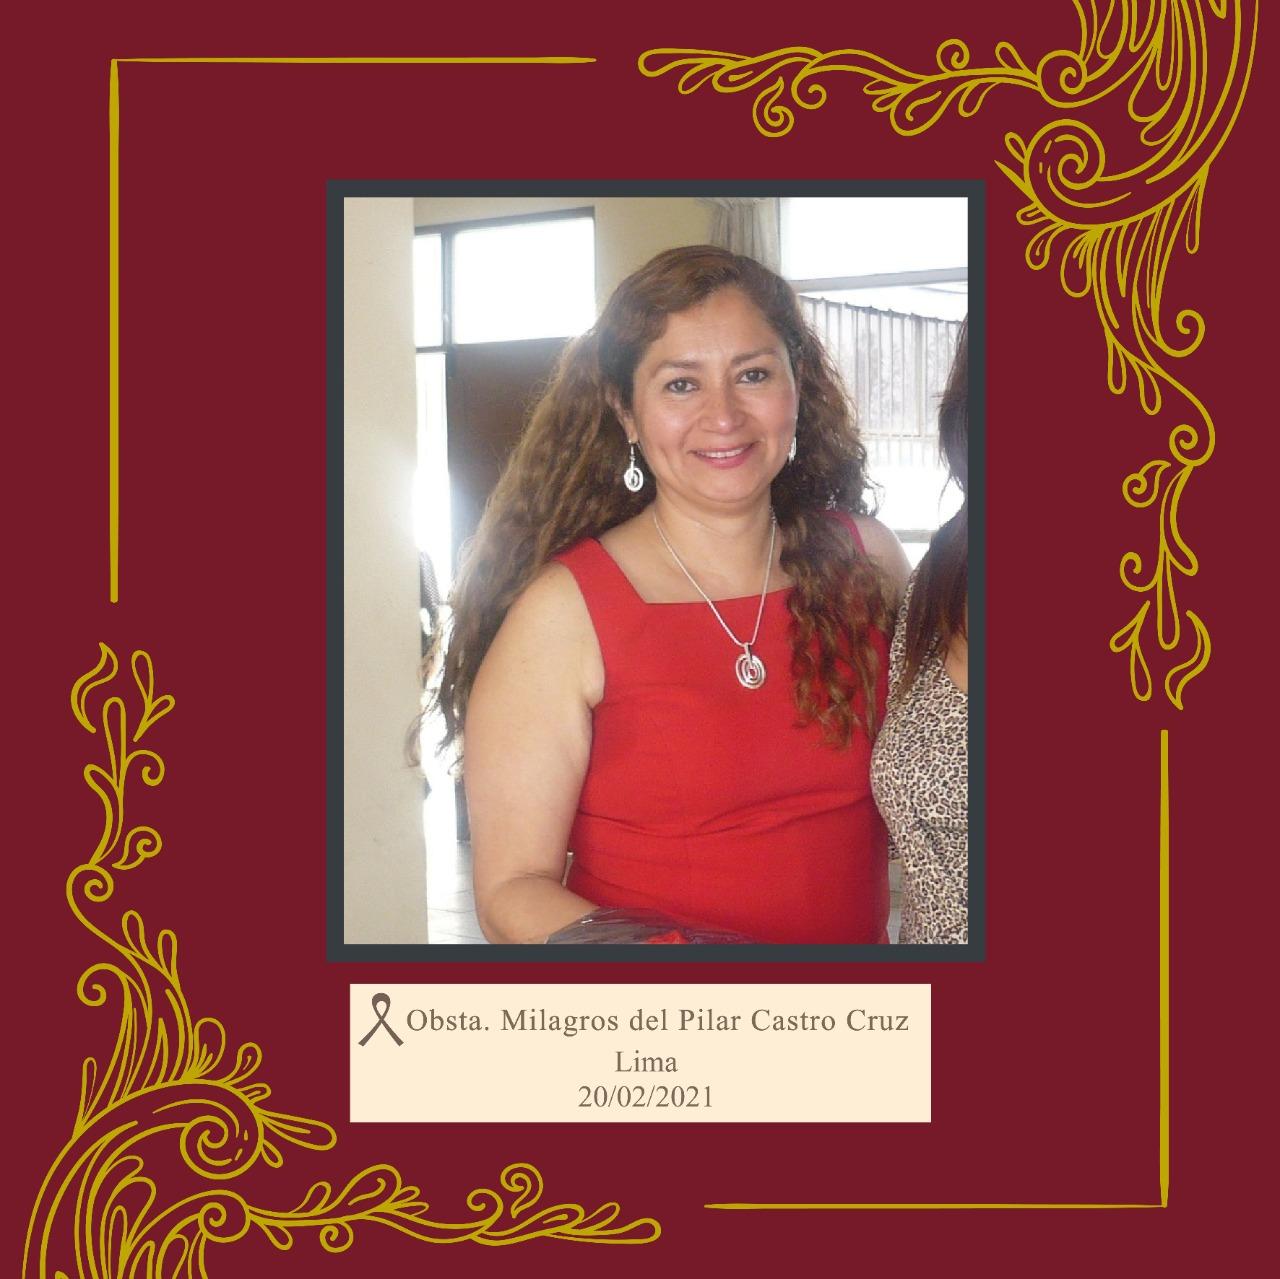 Milagros del Pilar Castro Cruz